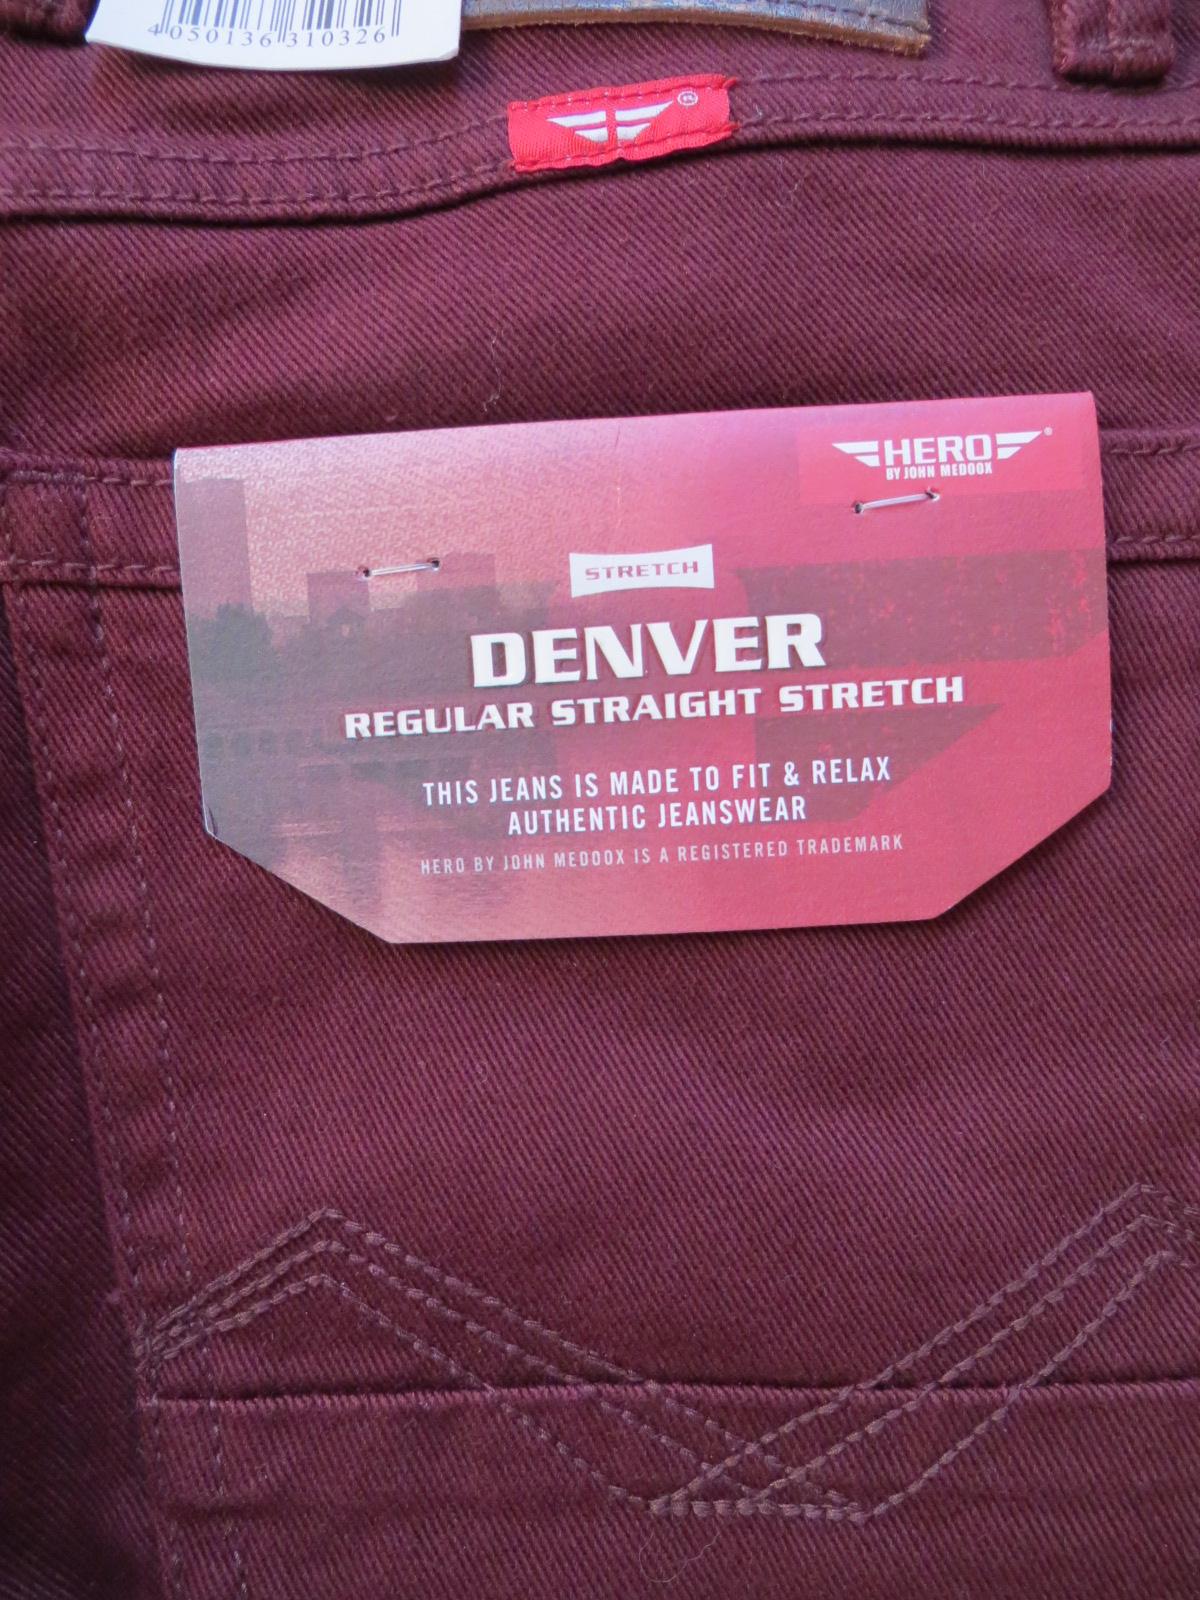 doppelter gutschein gut aussehend sehr günstig Details zu HERO John Medoox DENVER Stretch Jeans Hose W 34 /L 32, wine,  Bordeaux-Rot, NEU !